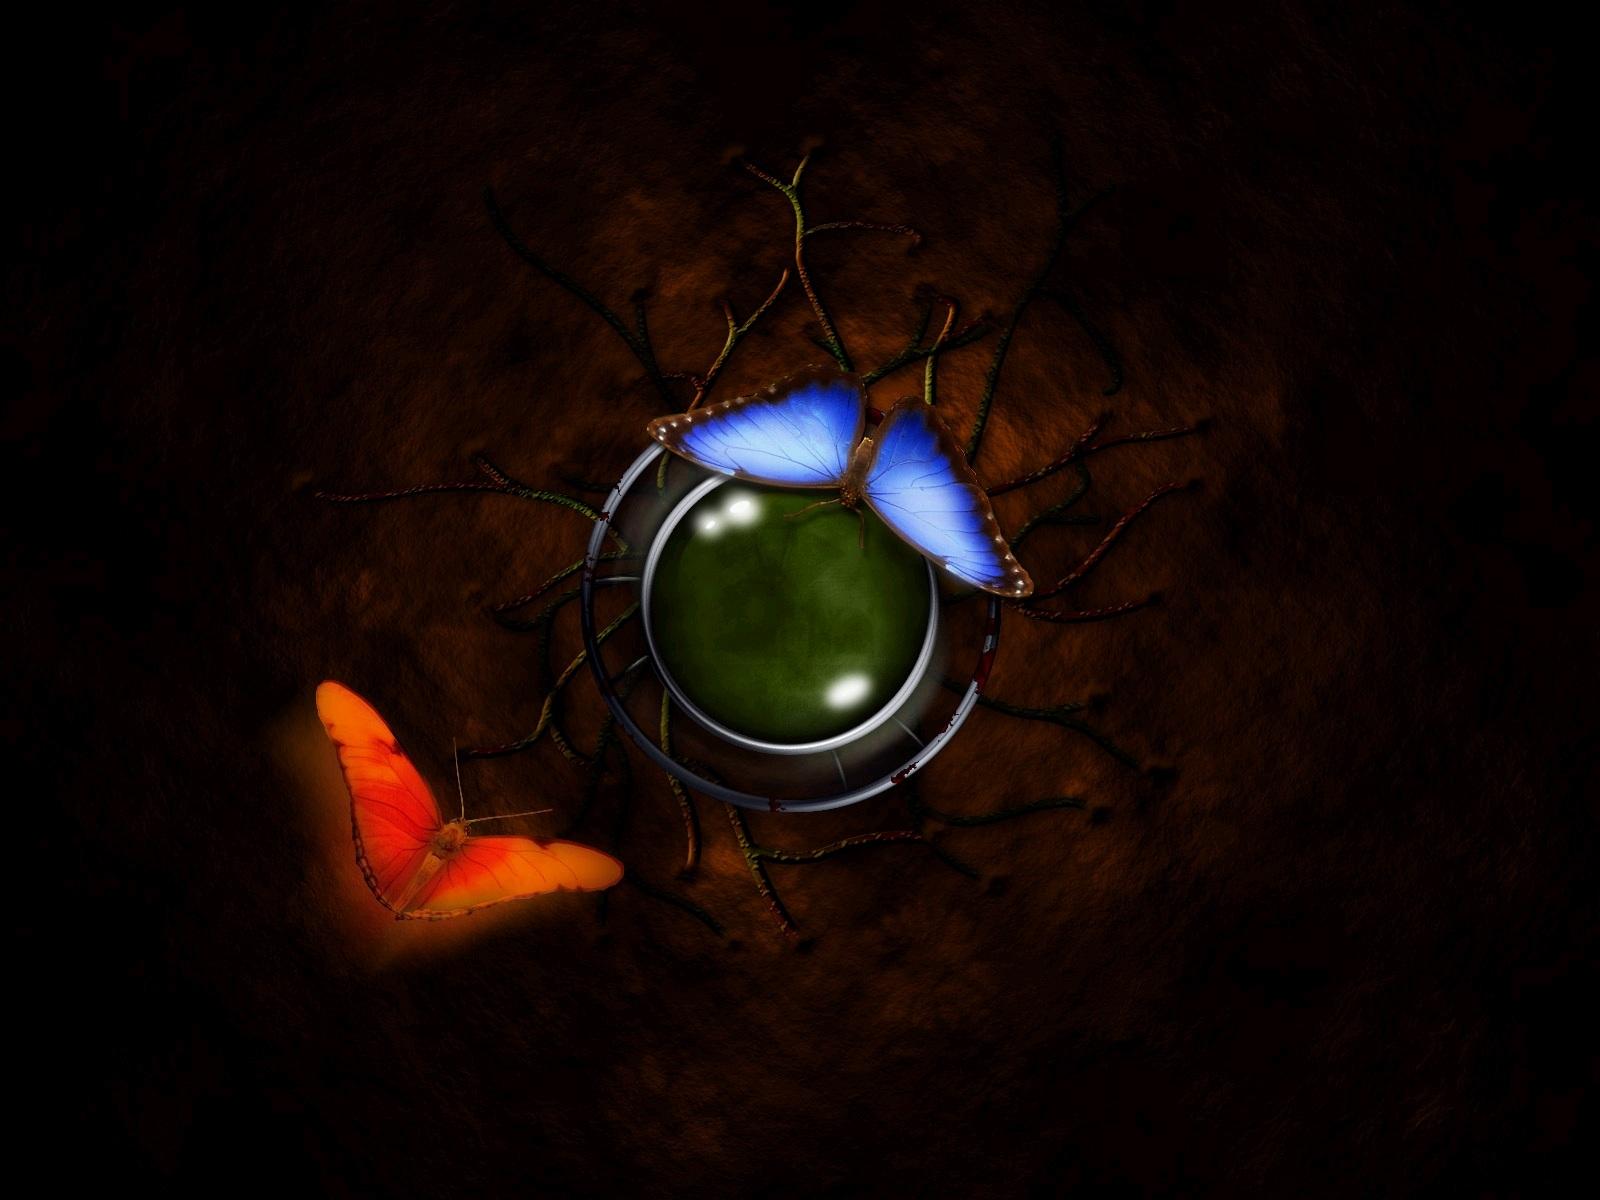 蛾 壁紙 - Moth WALLPAPER